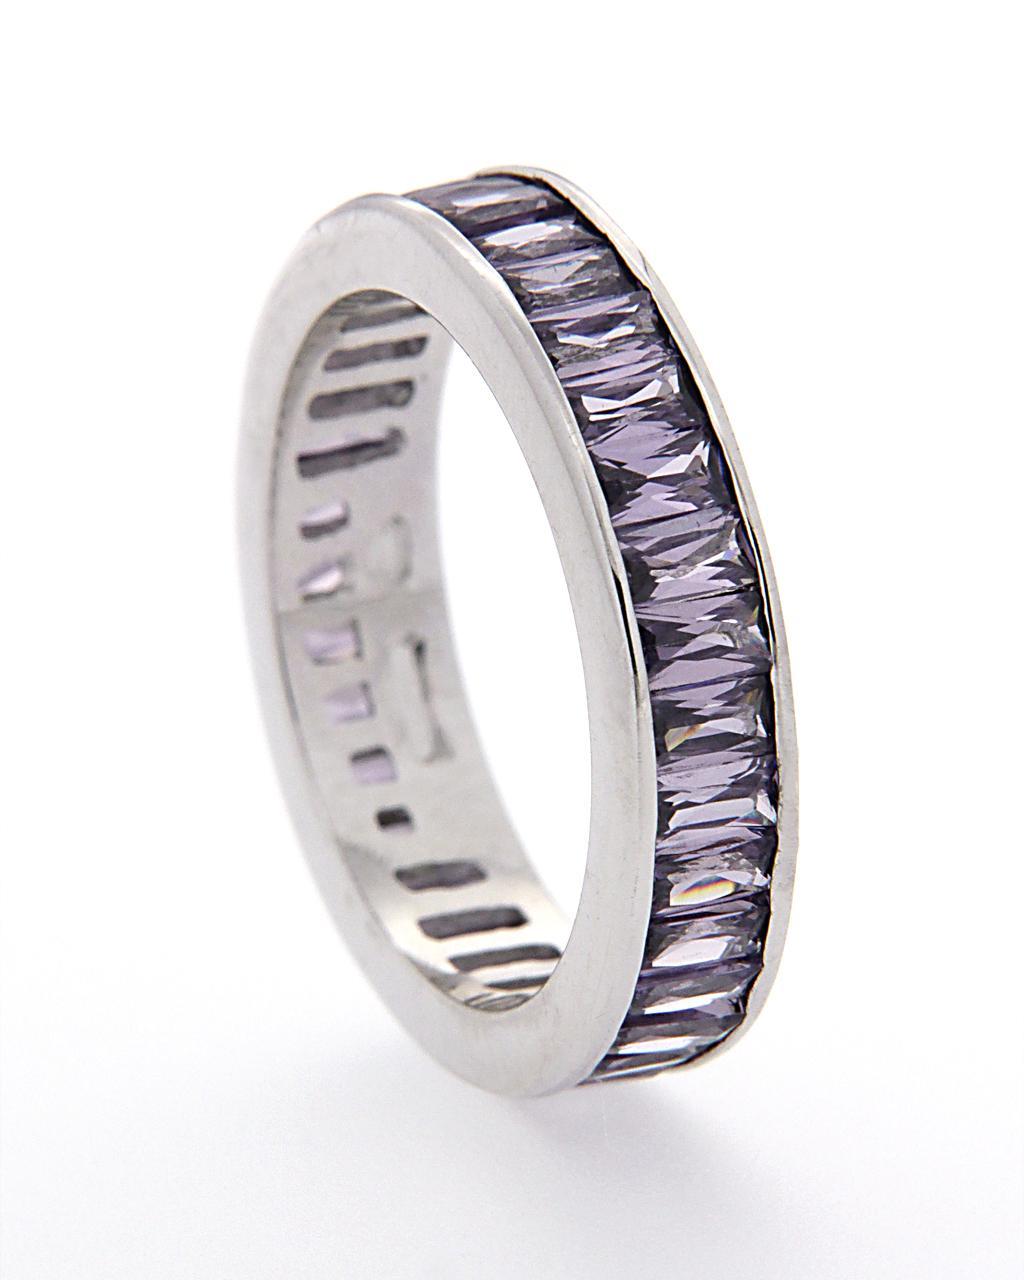 Δαχτυλίδι ασημένιο 925 με Ζιργκόν AD02324   γυναικα δαχτυλίδια δαχτυλίδια ασημένια